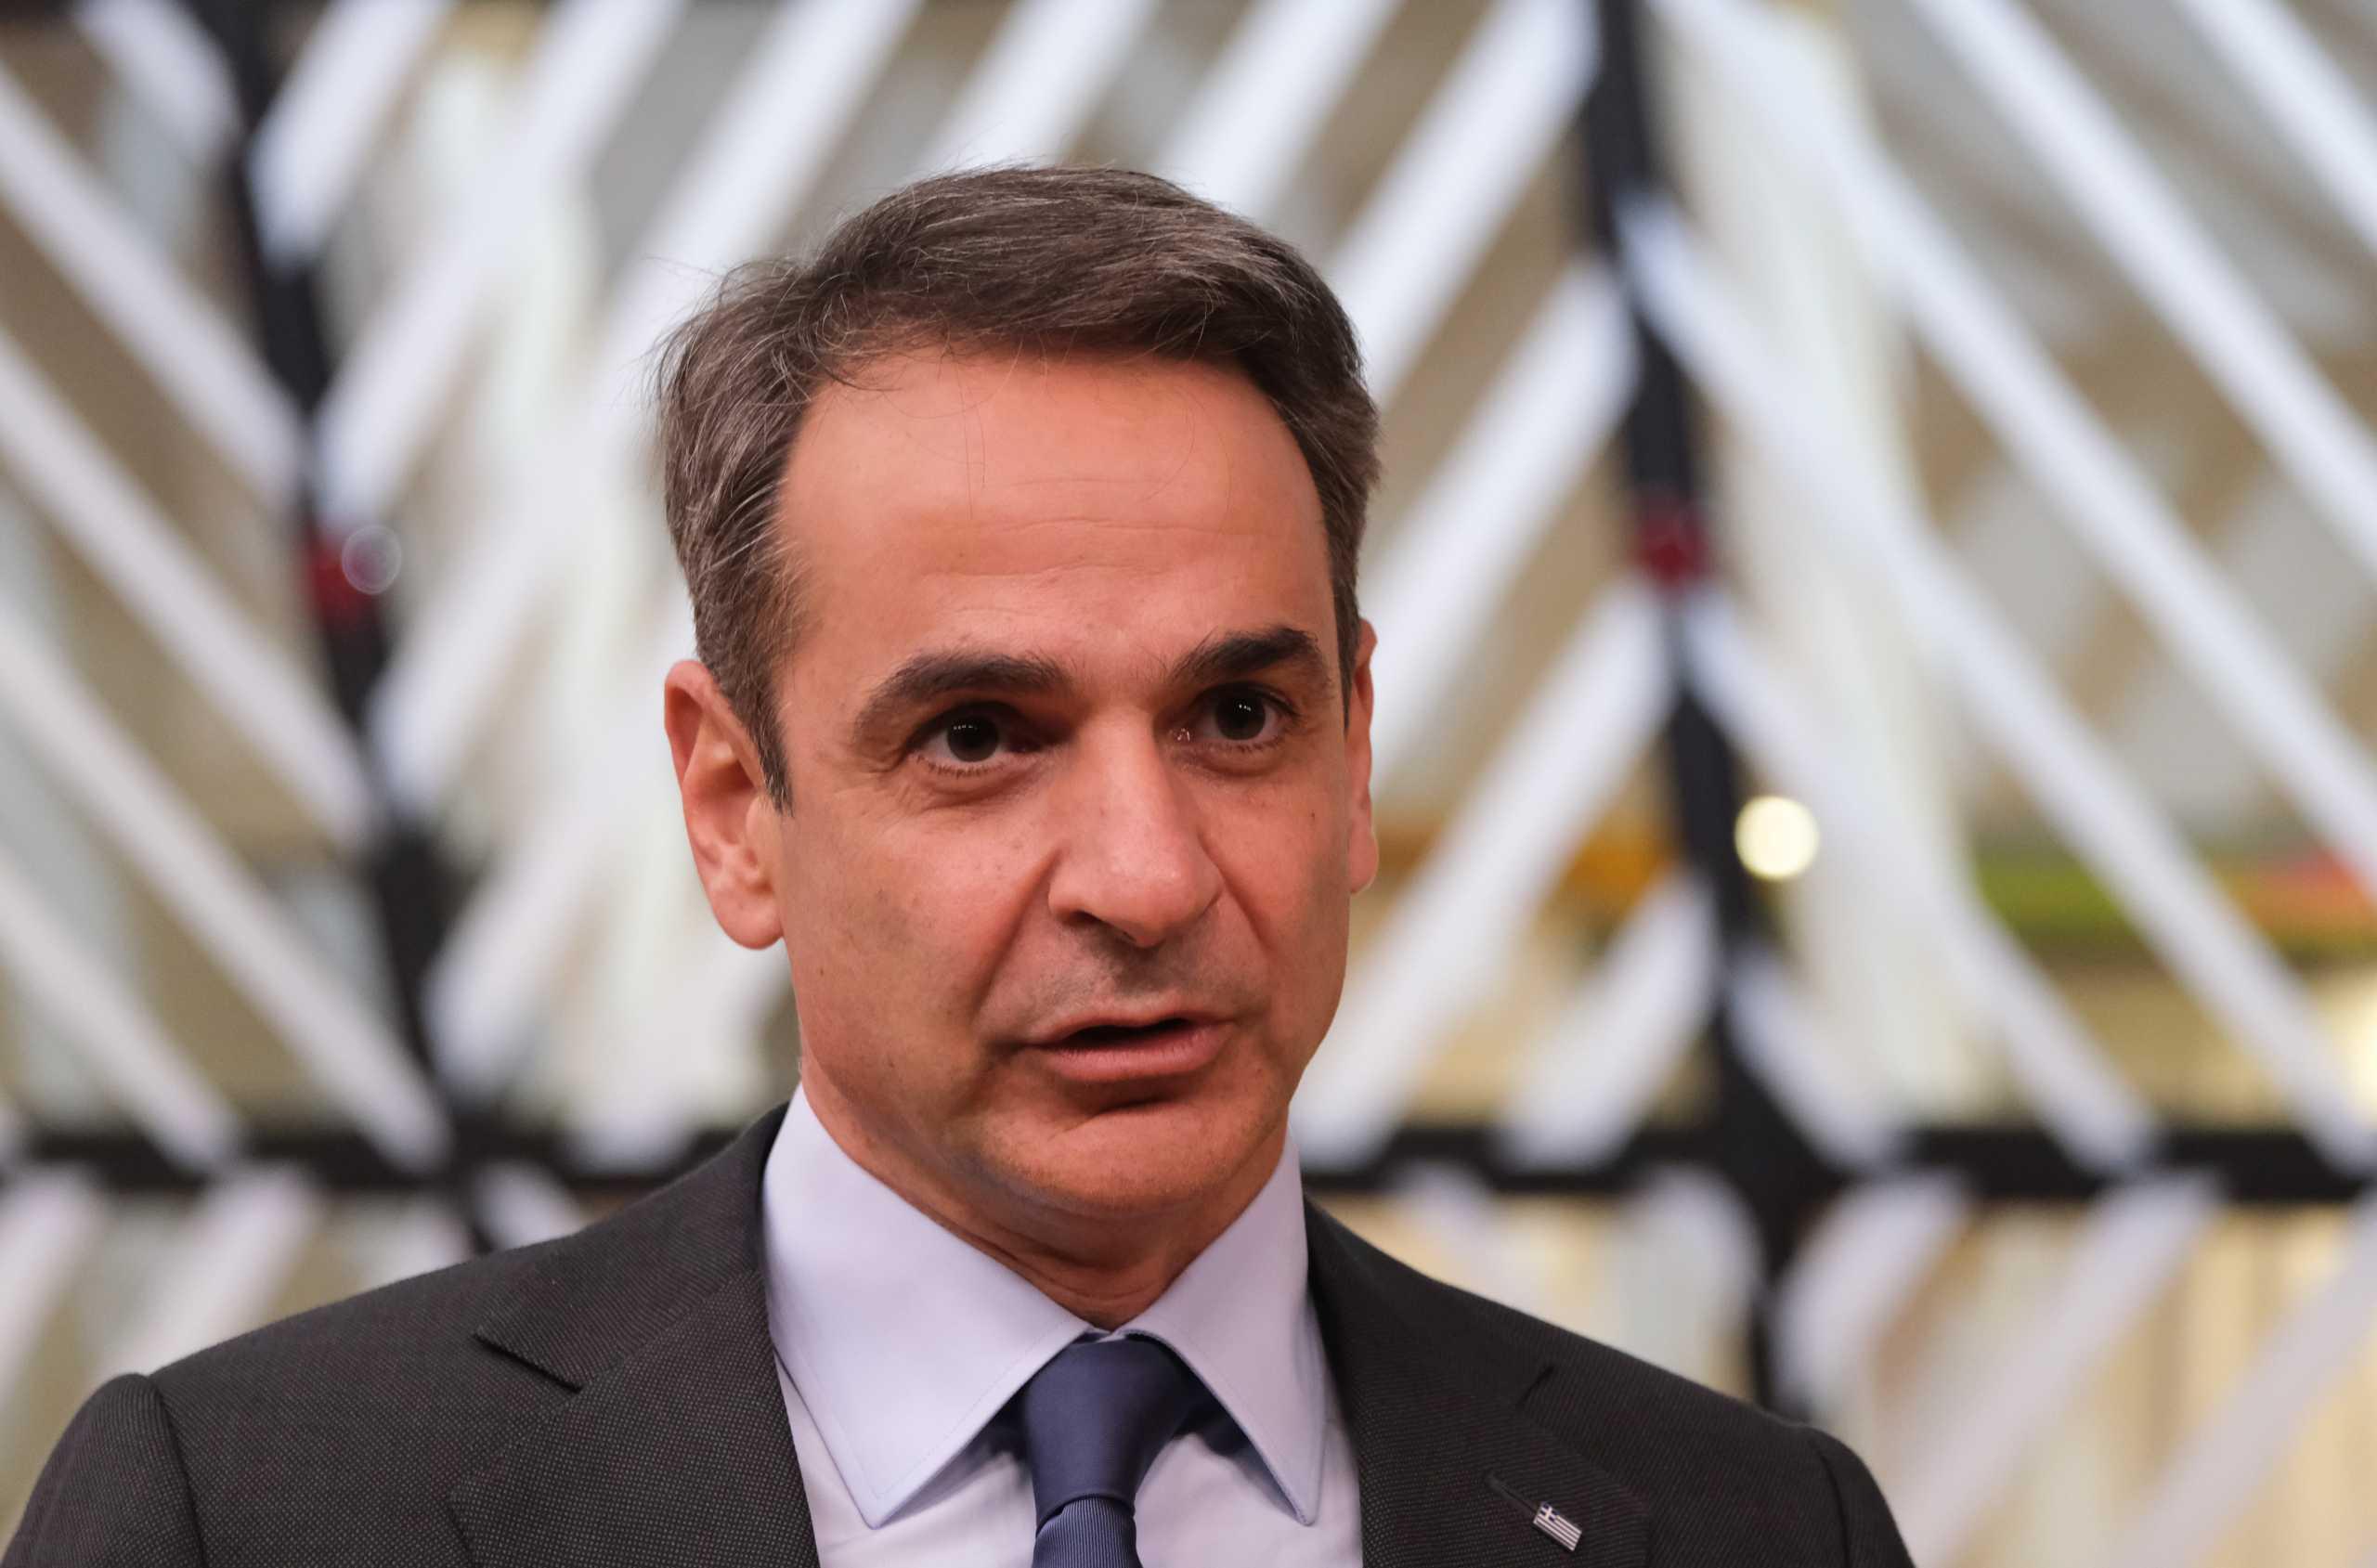 Μητσοτάκης για την απόρριψη του νομοσχεδίου για τους ομογενείς: «Το μικρόψυχο κομματικό συμφέρον του ΣΥΡΙΖΑ έθεσε βέτο»